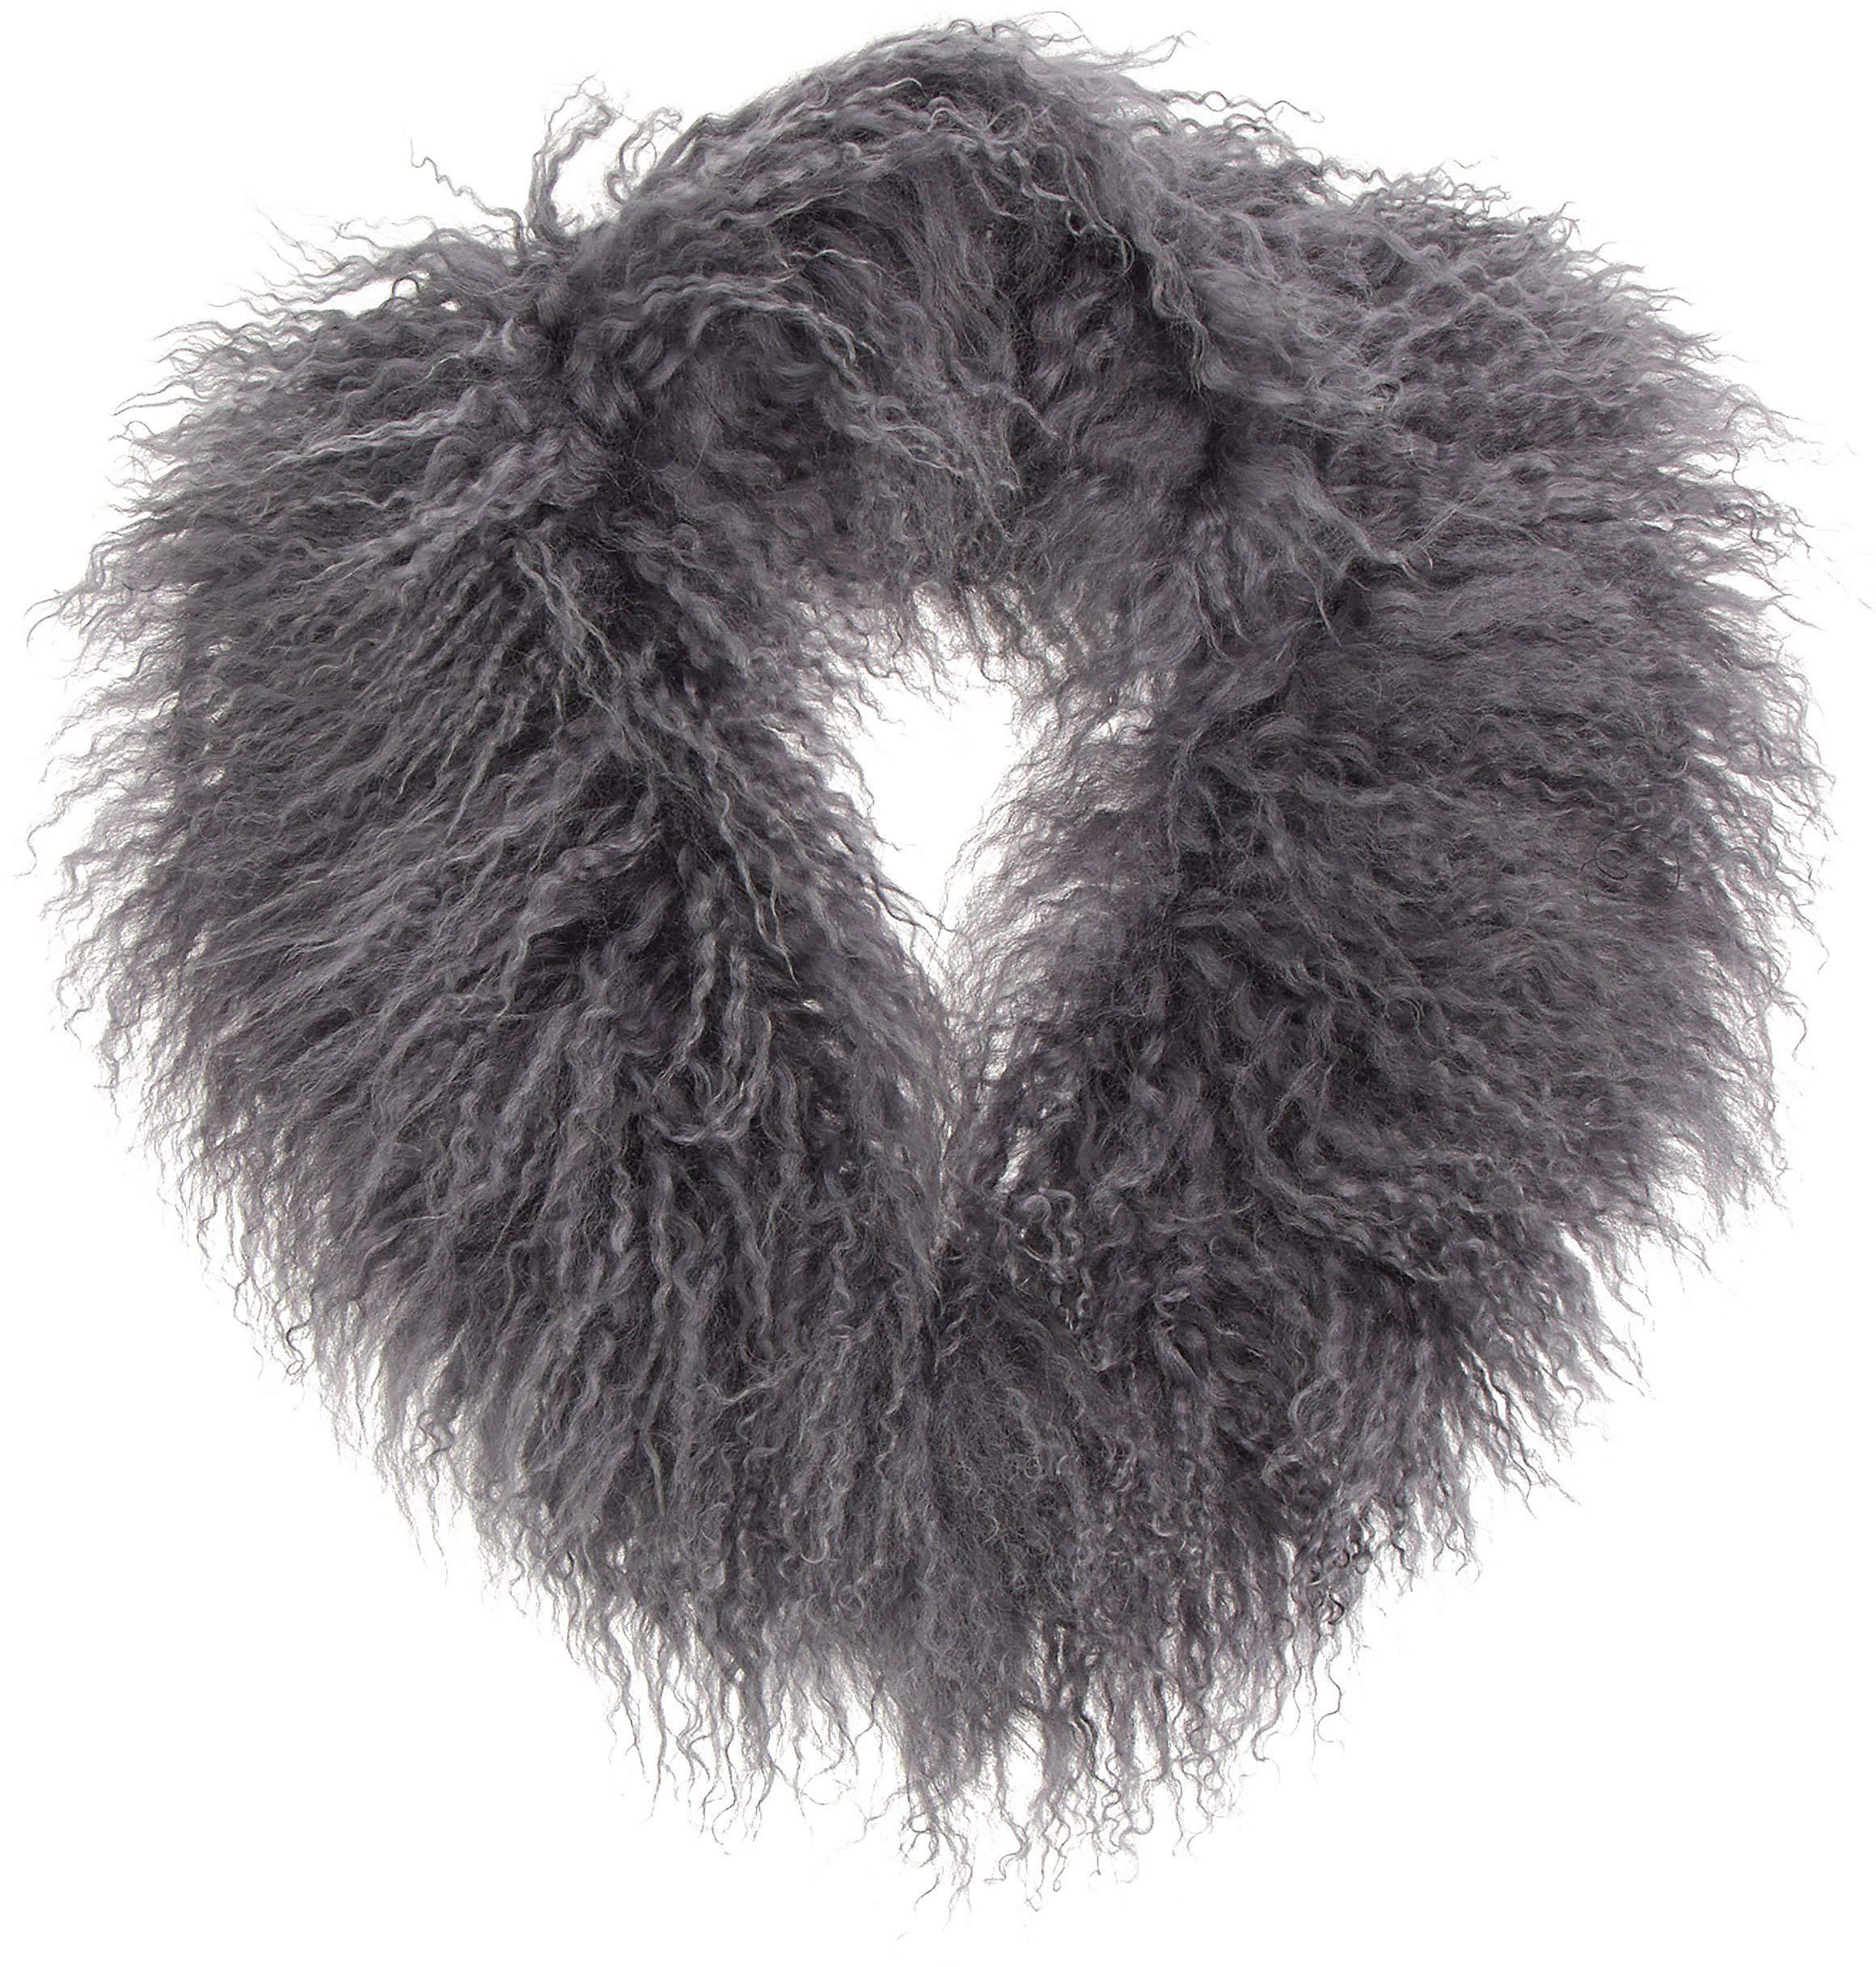 Tibetan Curly Lamb Fur Shawl Collar by Overland Sheepskin Co